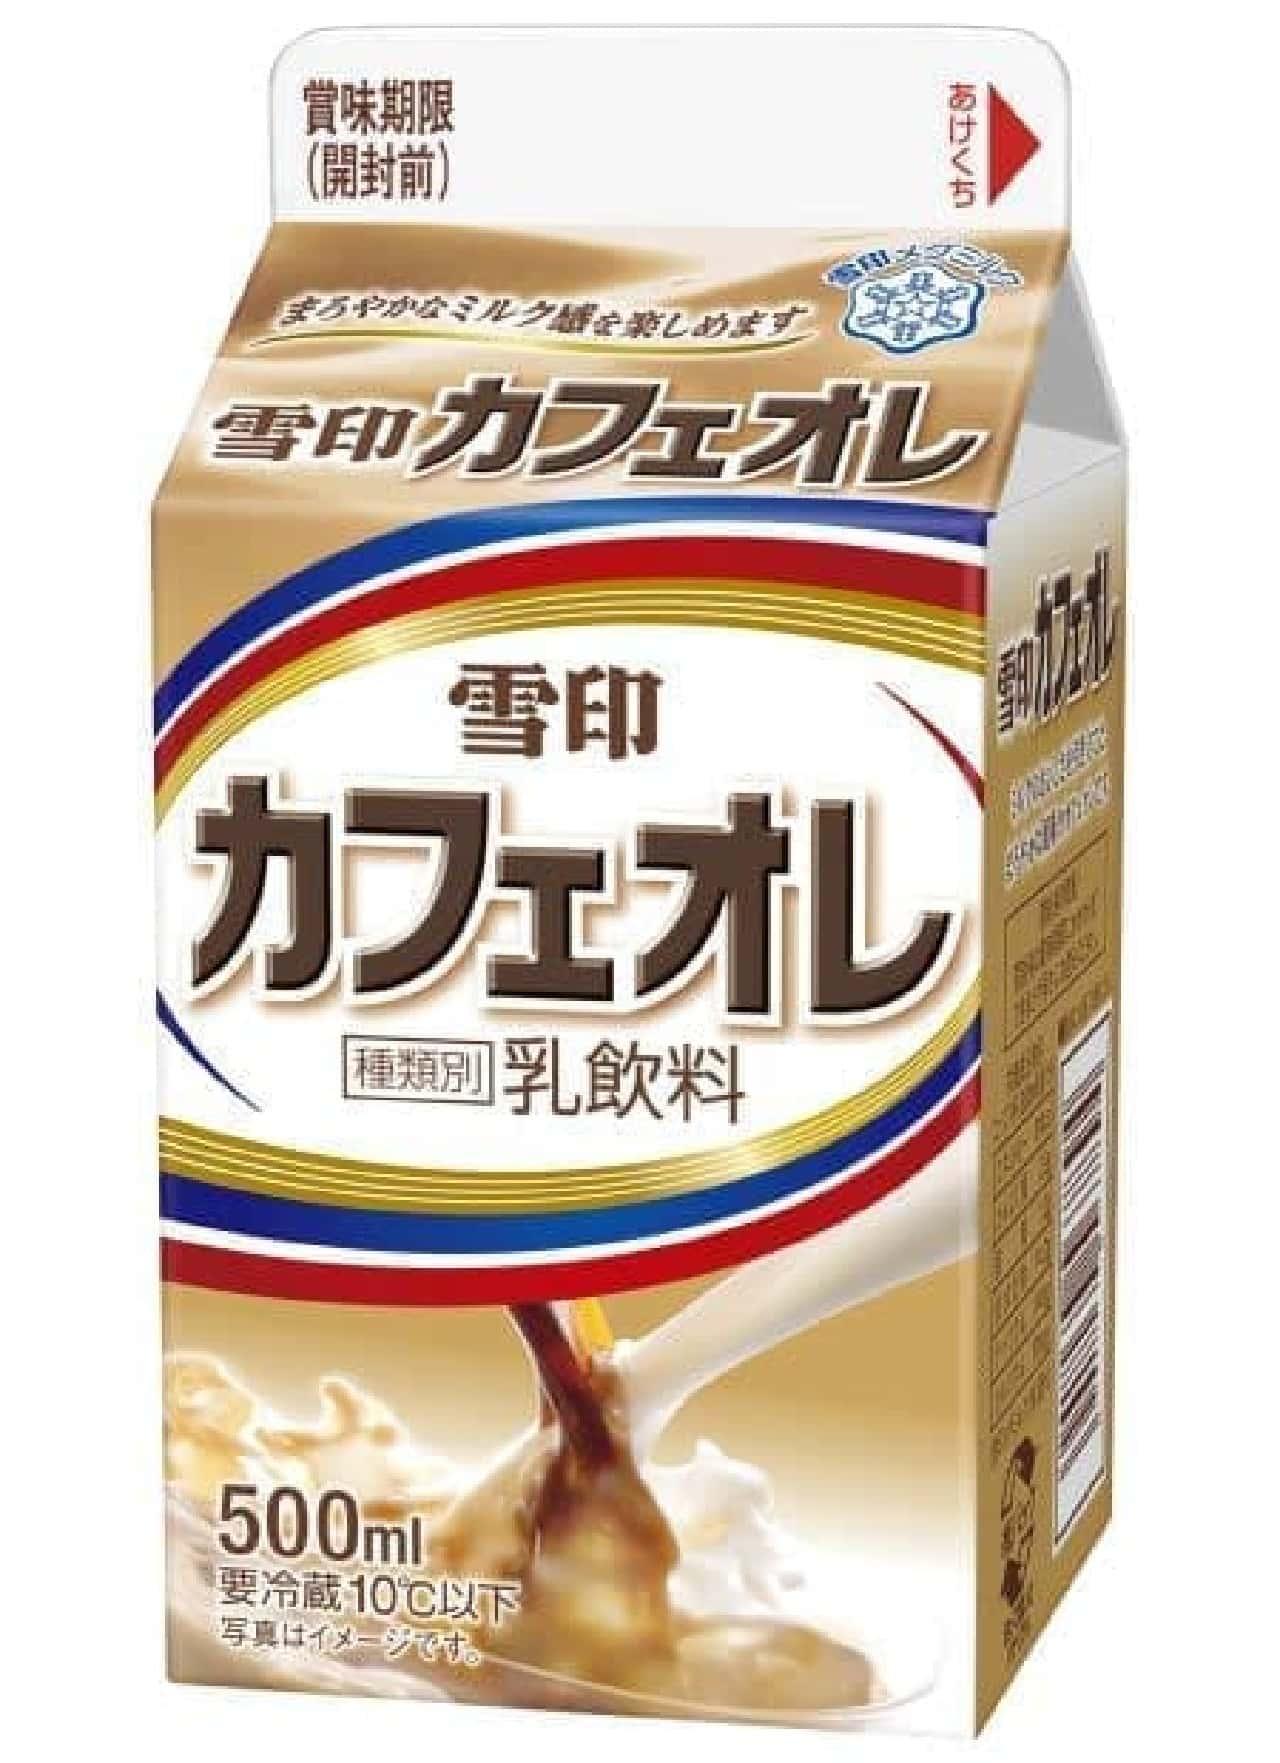 「雪印カフェオレ」はコーヒーの苦味が抑えられたまろやかで飲みやすいカフェオレ